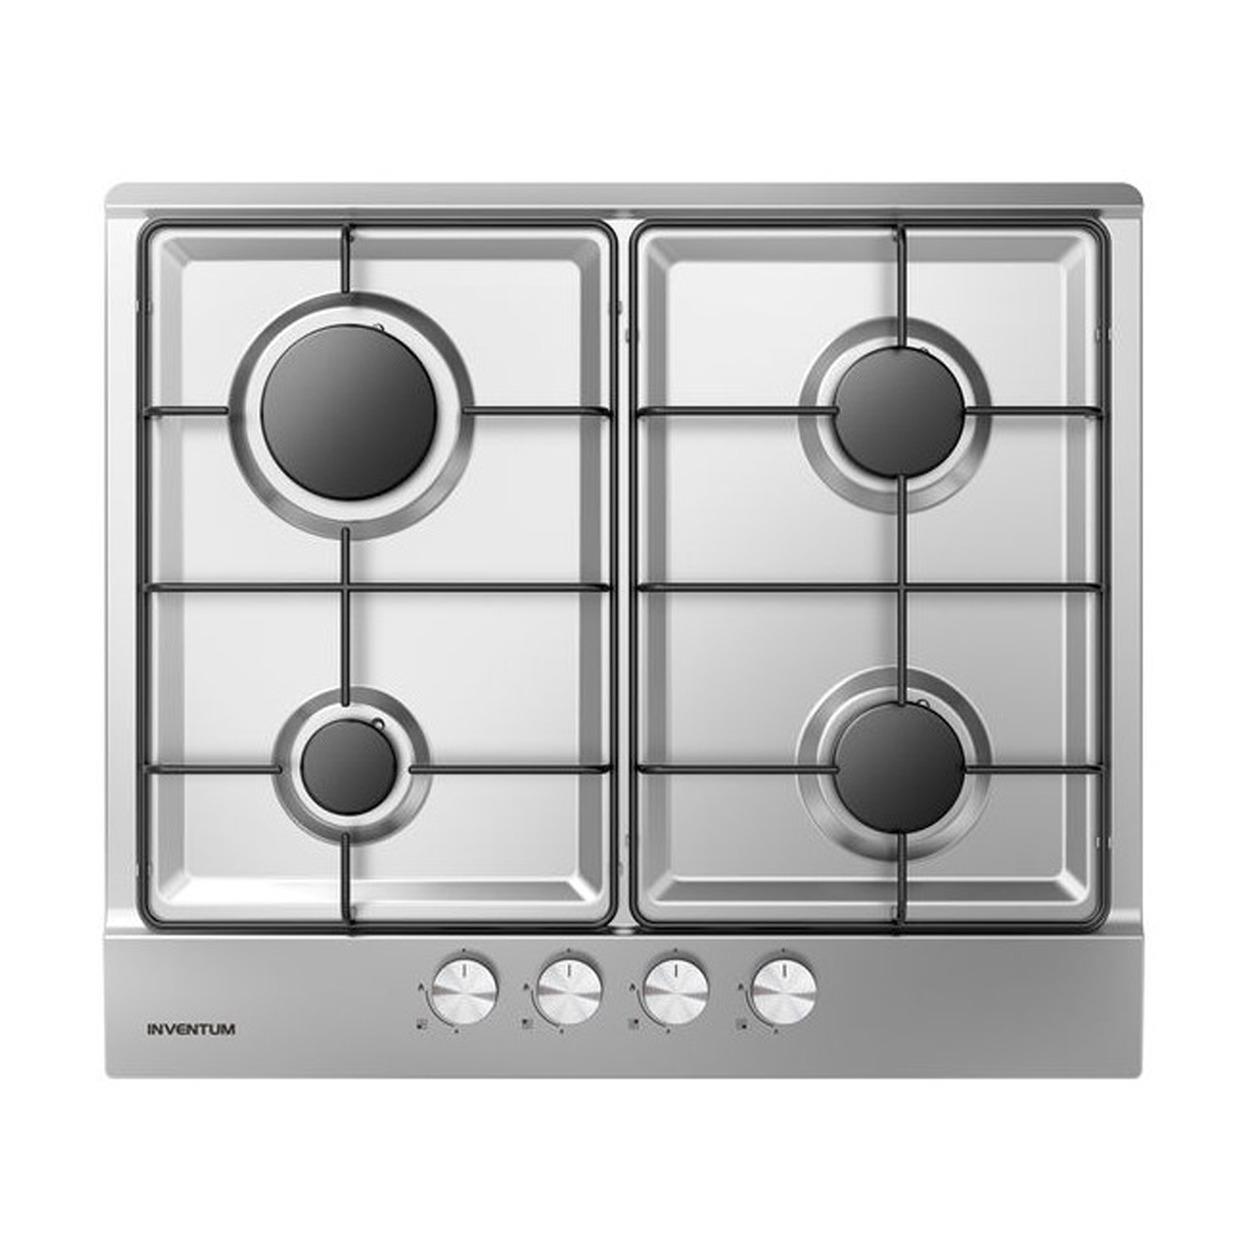 Inventum IKG6021 gas inbouwkookplaat